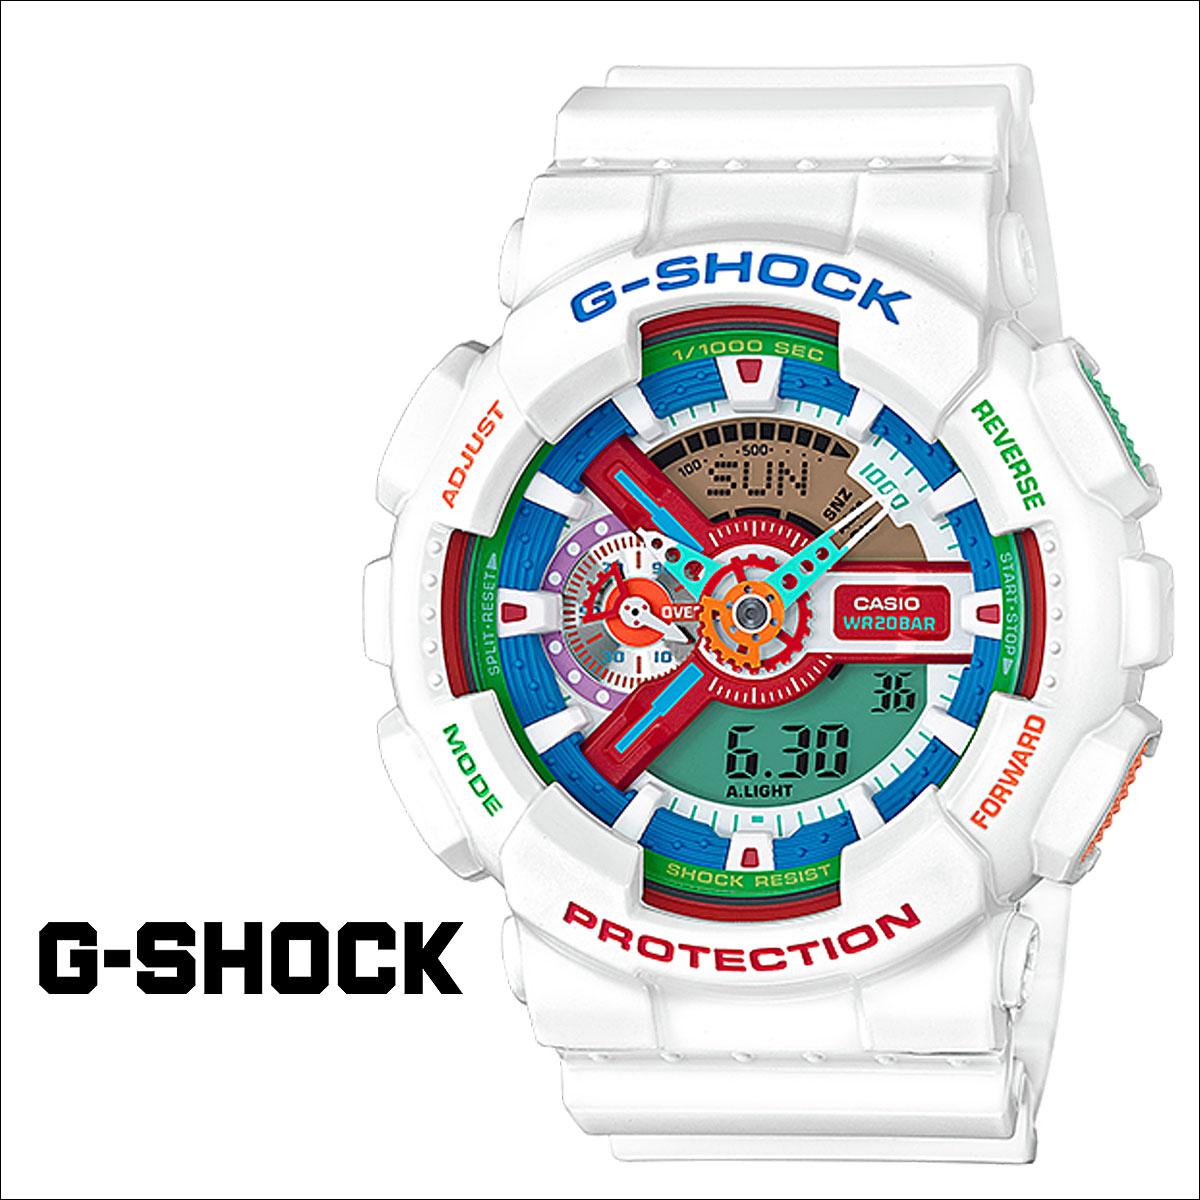 カシオ CASIO G-SHOCK 腕時計  GA-110MC-7AJF  ジーショック Gショック G-ショック メンズ  CASIO正規代理店  初回交換 送料無料  ジーショック 時計 メンズ g-shock mini レディース Gショック 腕時計 正規  通販